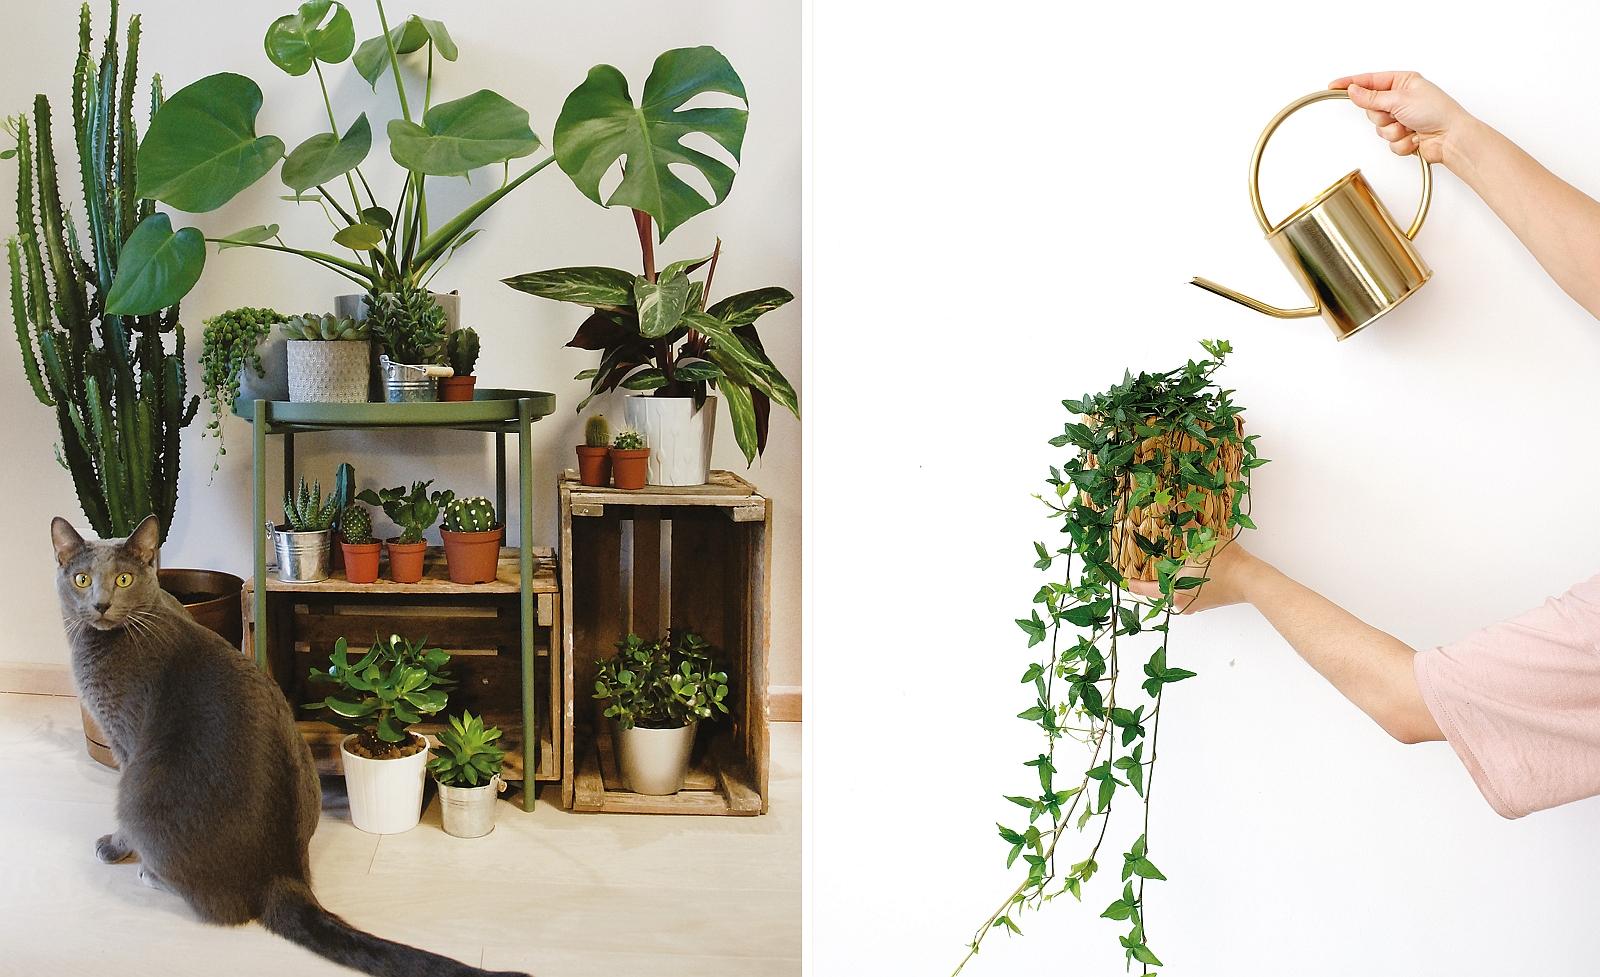 Rośliny może hodować każdy (fot. Ola Sieńko / mat. z książki 'Projekt Rośliny')